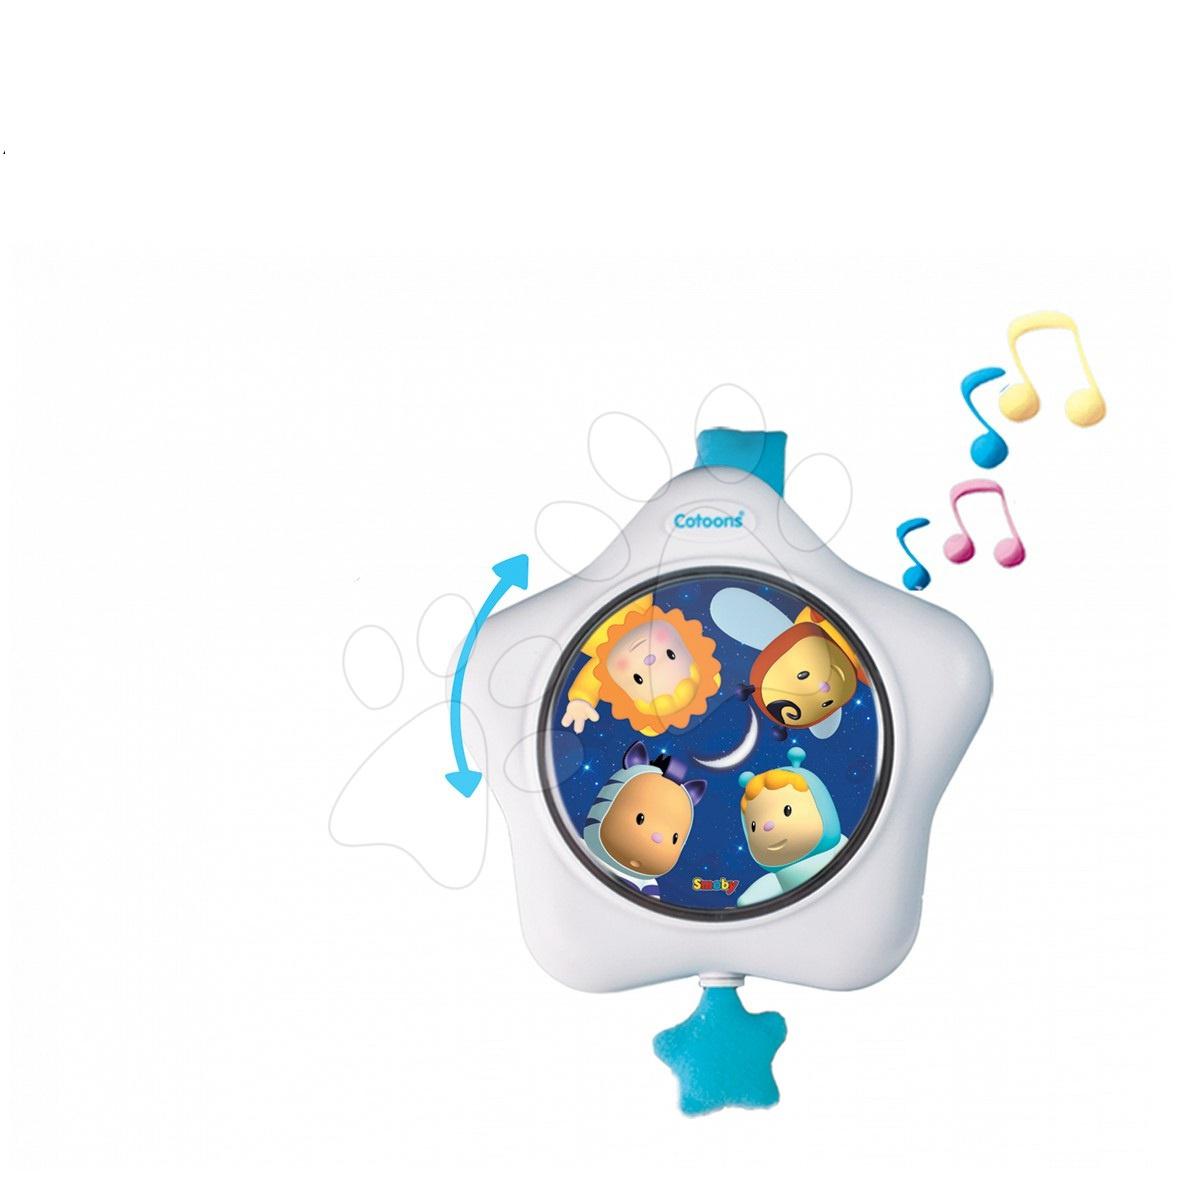 Staré položky - Ppievajúca hviezda Cotoons nad postieľku Smoby bielo-modrá pre kojencov